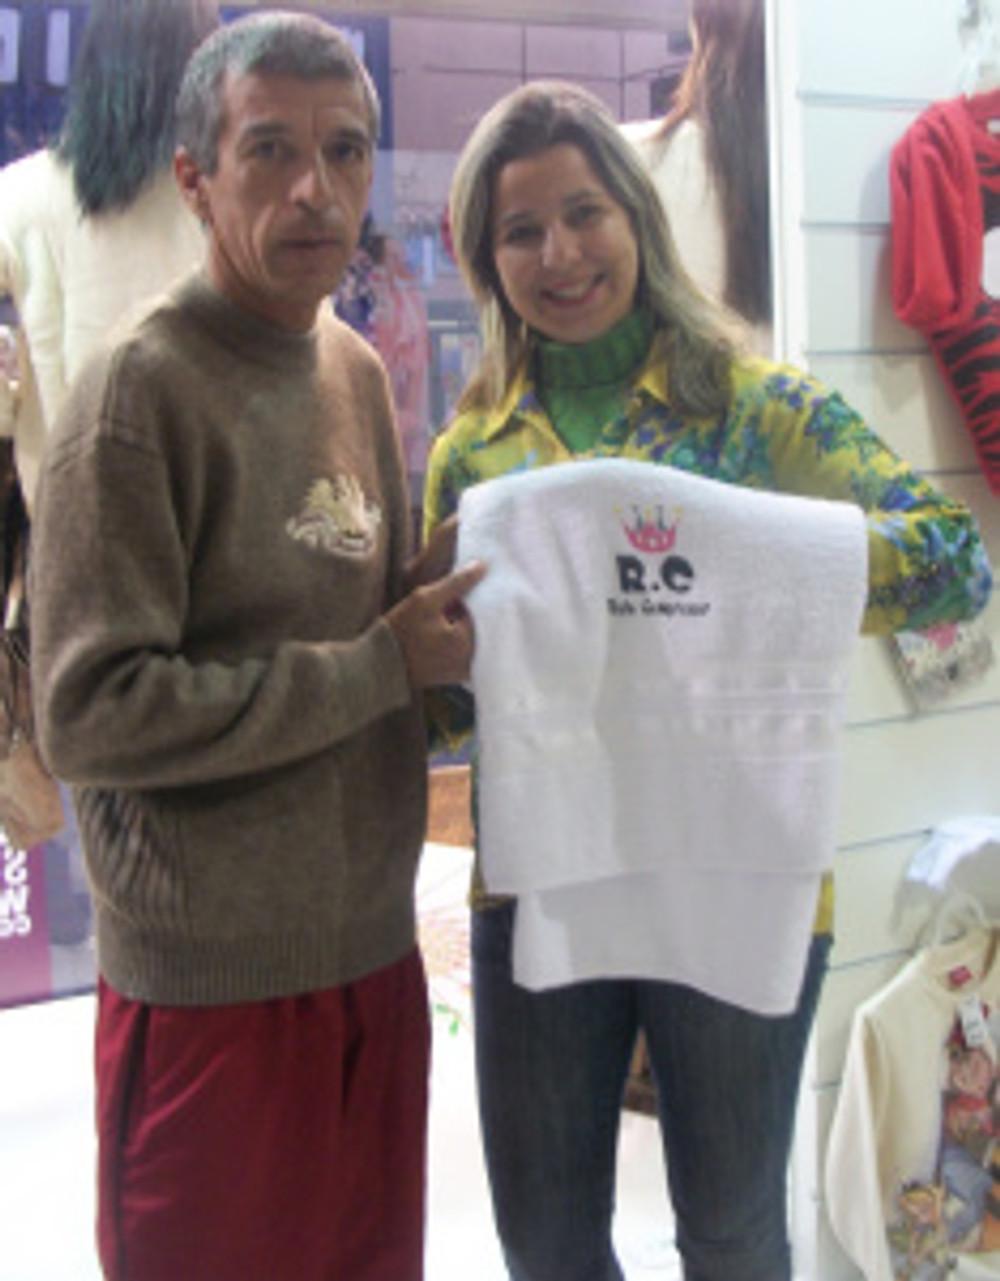 Lisiane foi a Vencedora da Promoção, a toalha foi entregue por um dos responsáveis do RC, Cleito